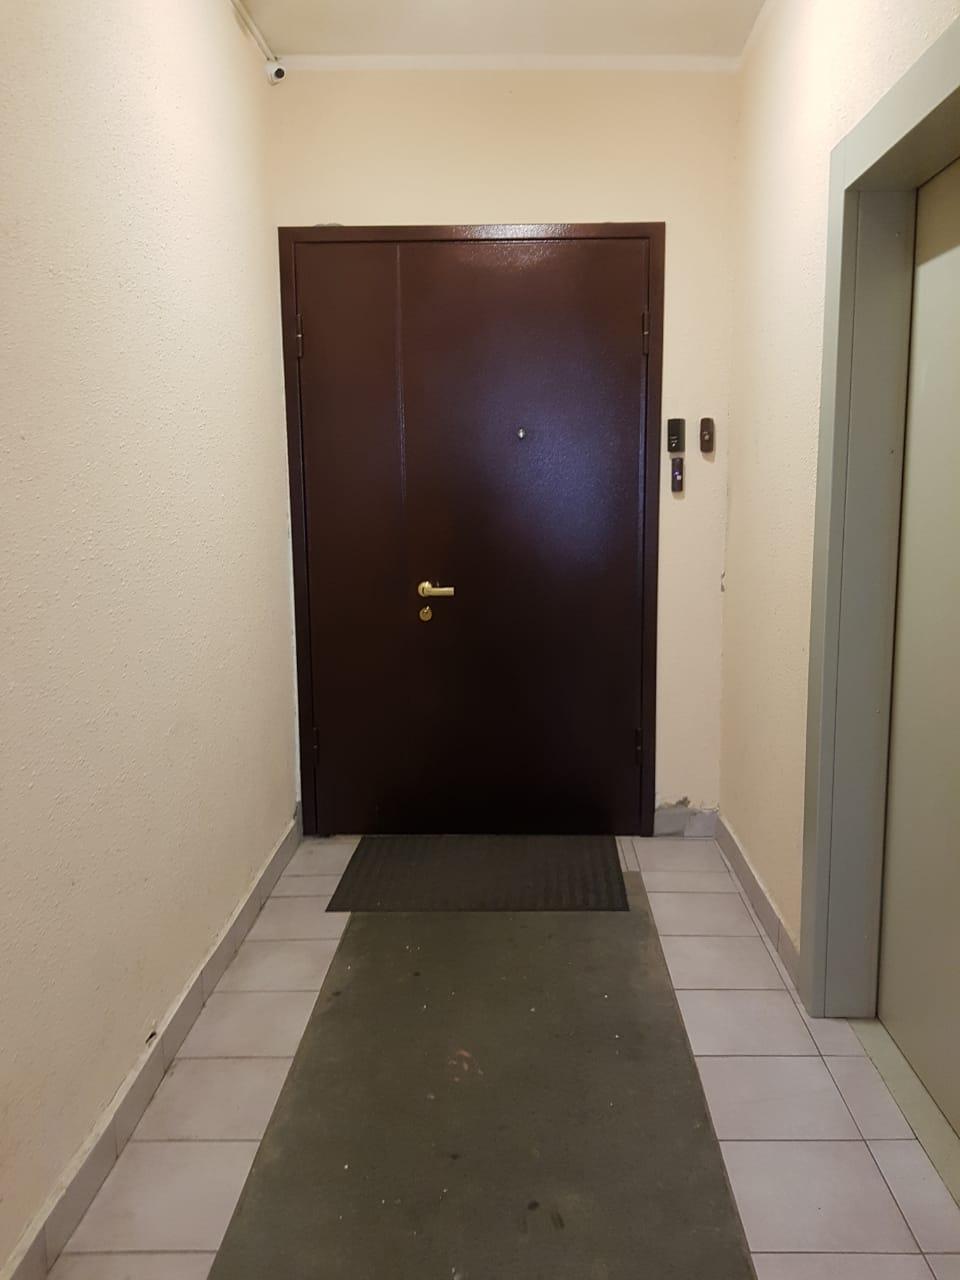 Квартиры, расположенные по адресу: Московская обл., г. Одинцово, ул. Чистяковой, д.42